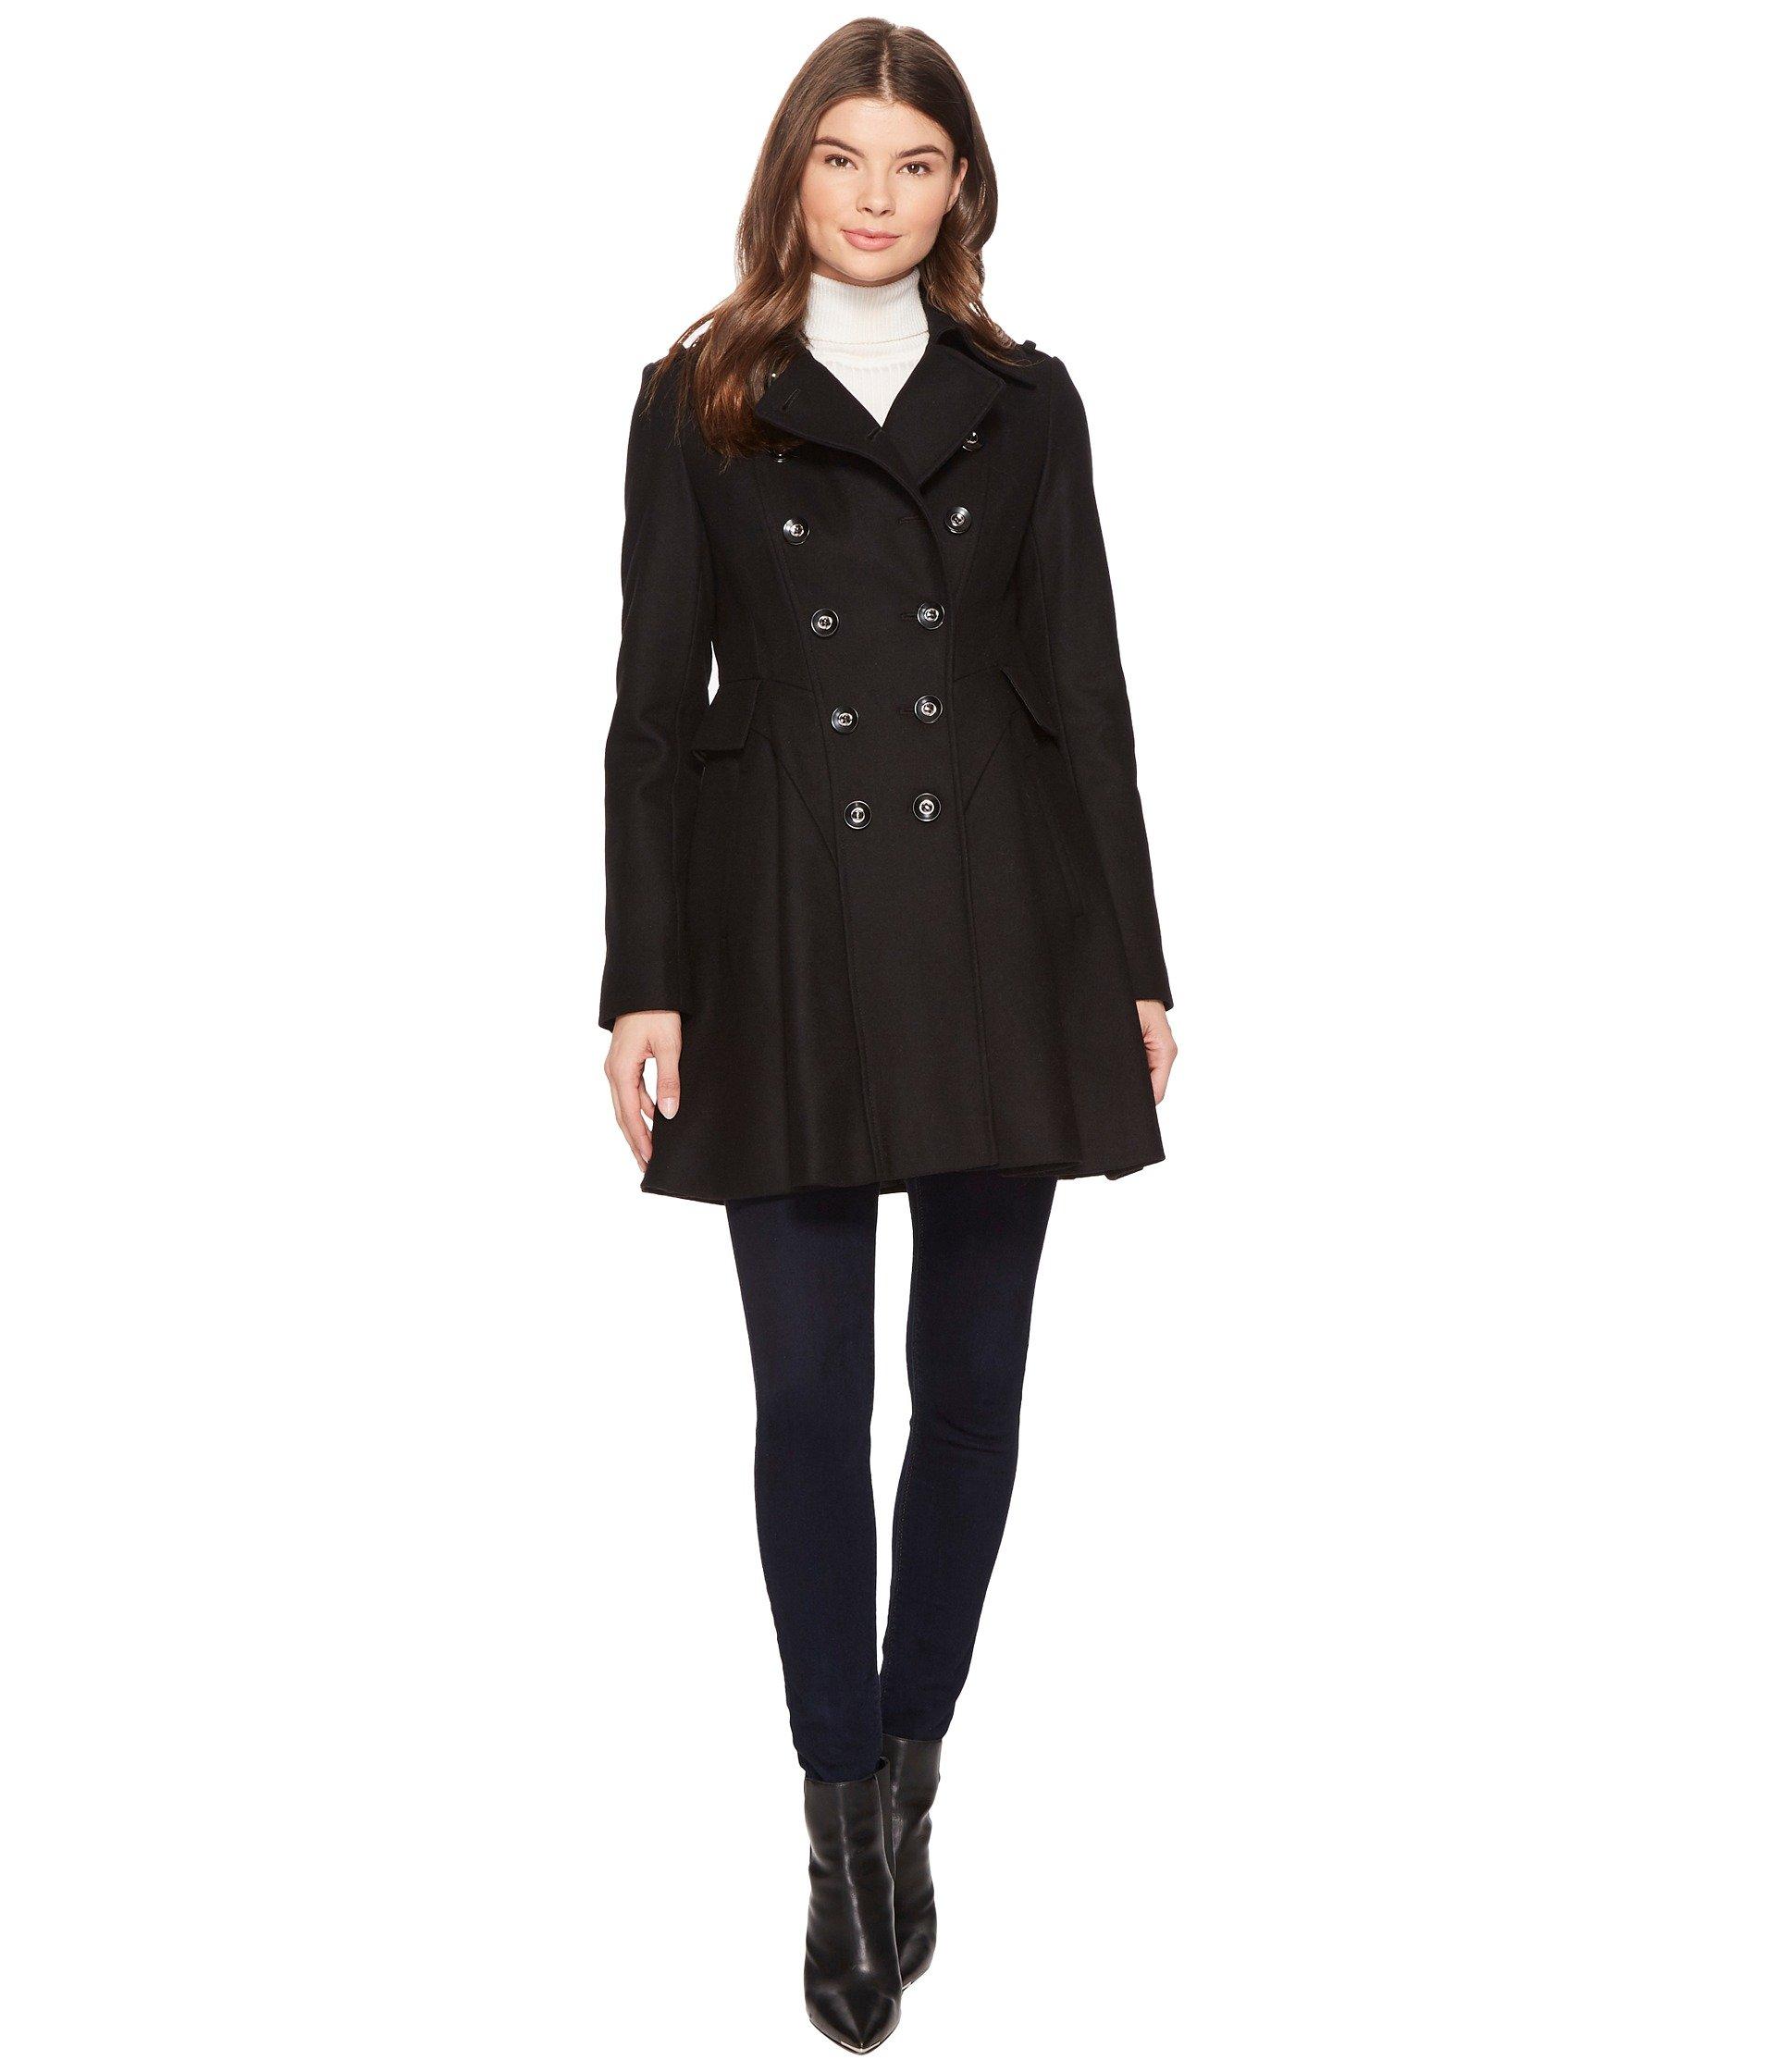 Via Spiga, Coats & Outerwear, Women at 6pm.com